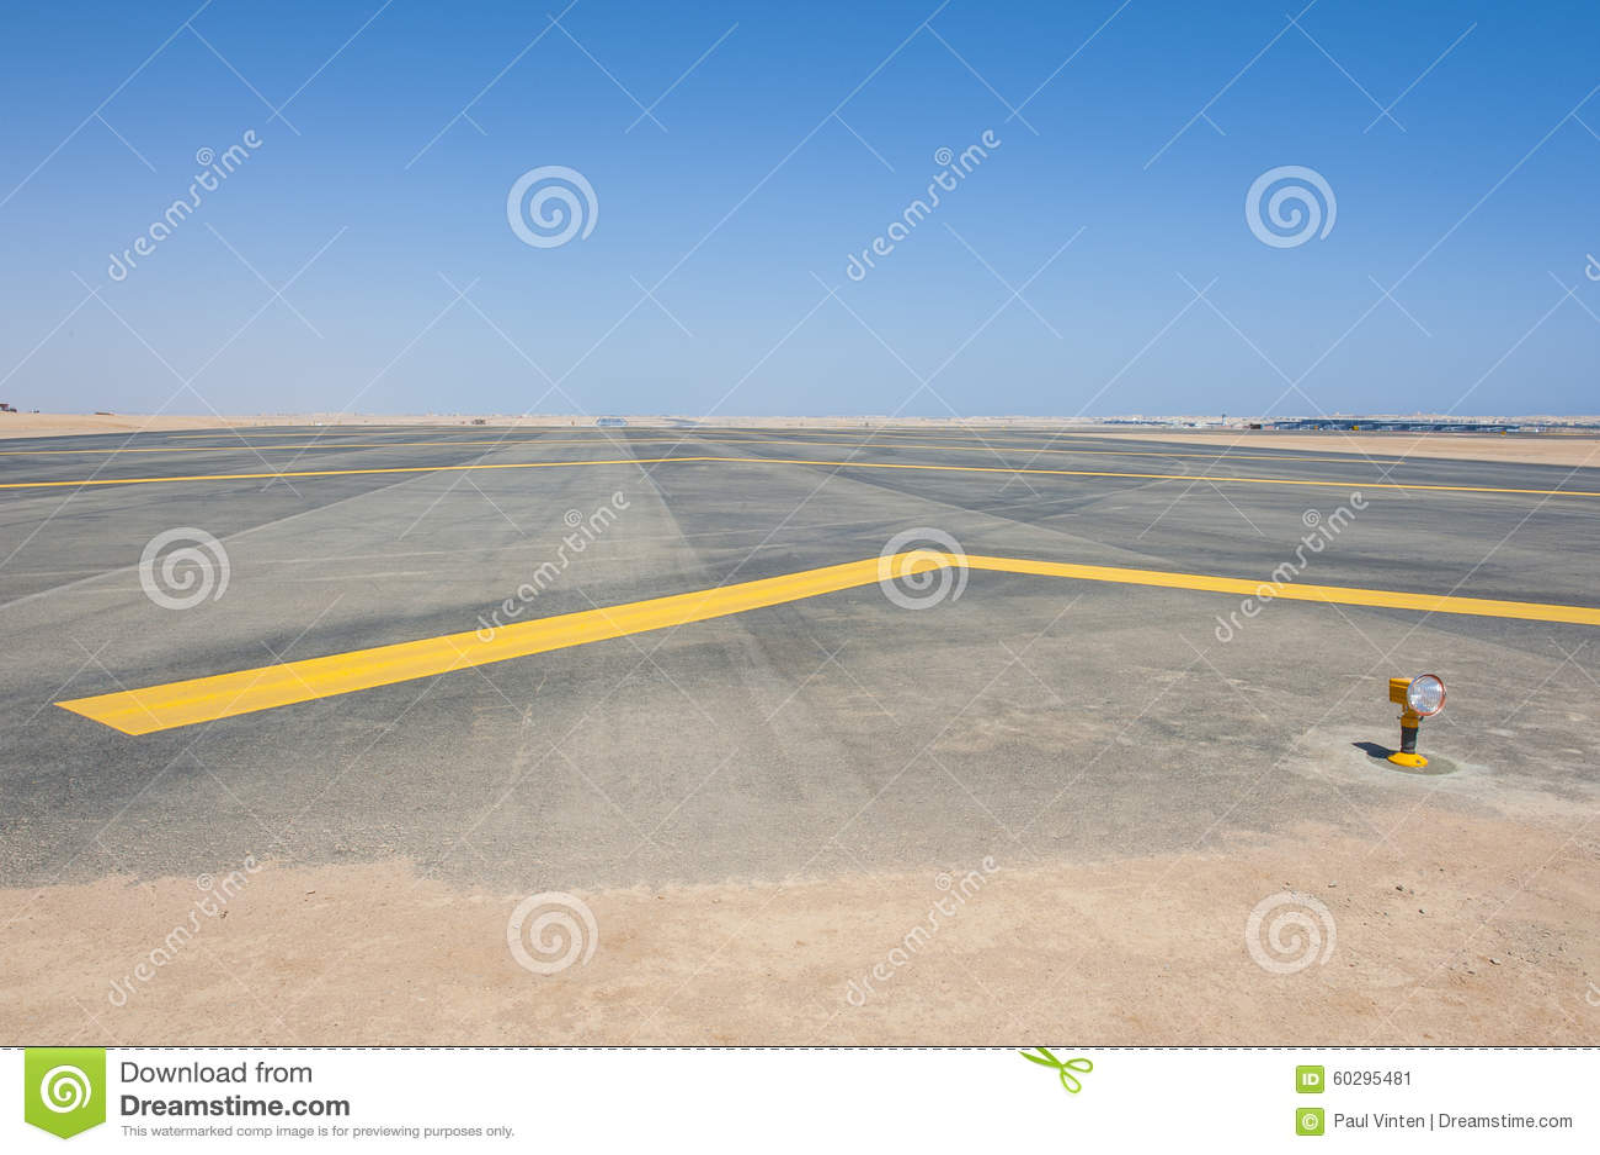 Luces de acercamiento en una pista del aeropuerto